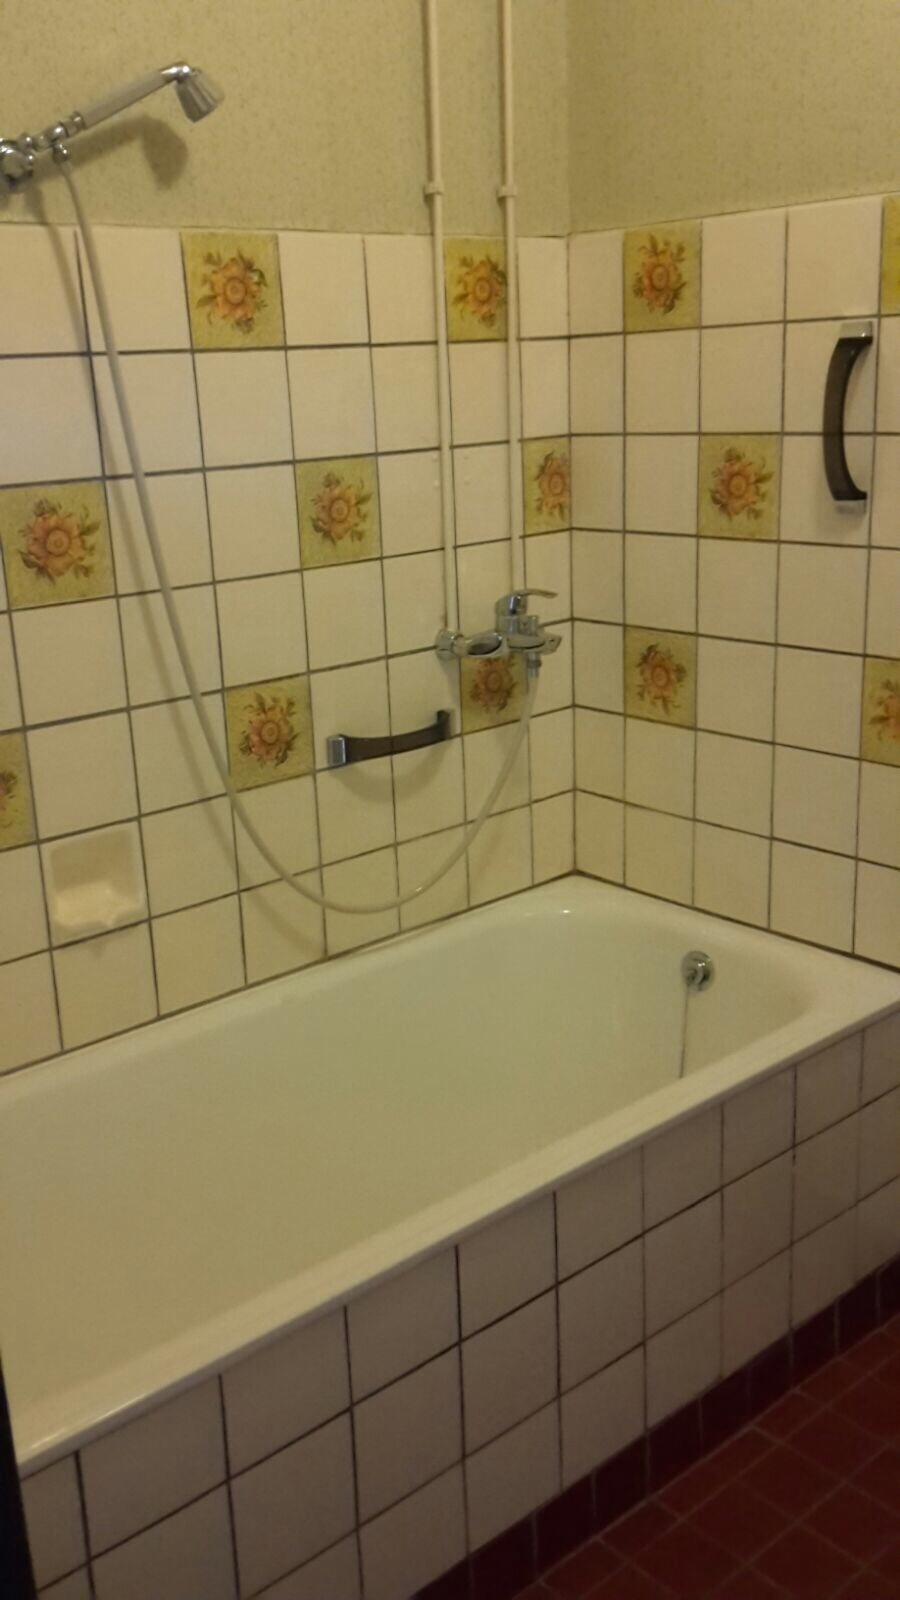 keuken nieuwe tegels : Tegels Verwijderen Nieuwe Tegels Plaatsen Wc Badkamer Keuken